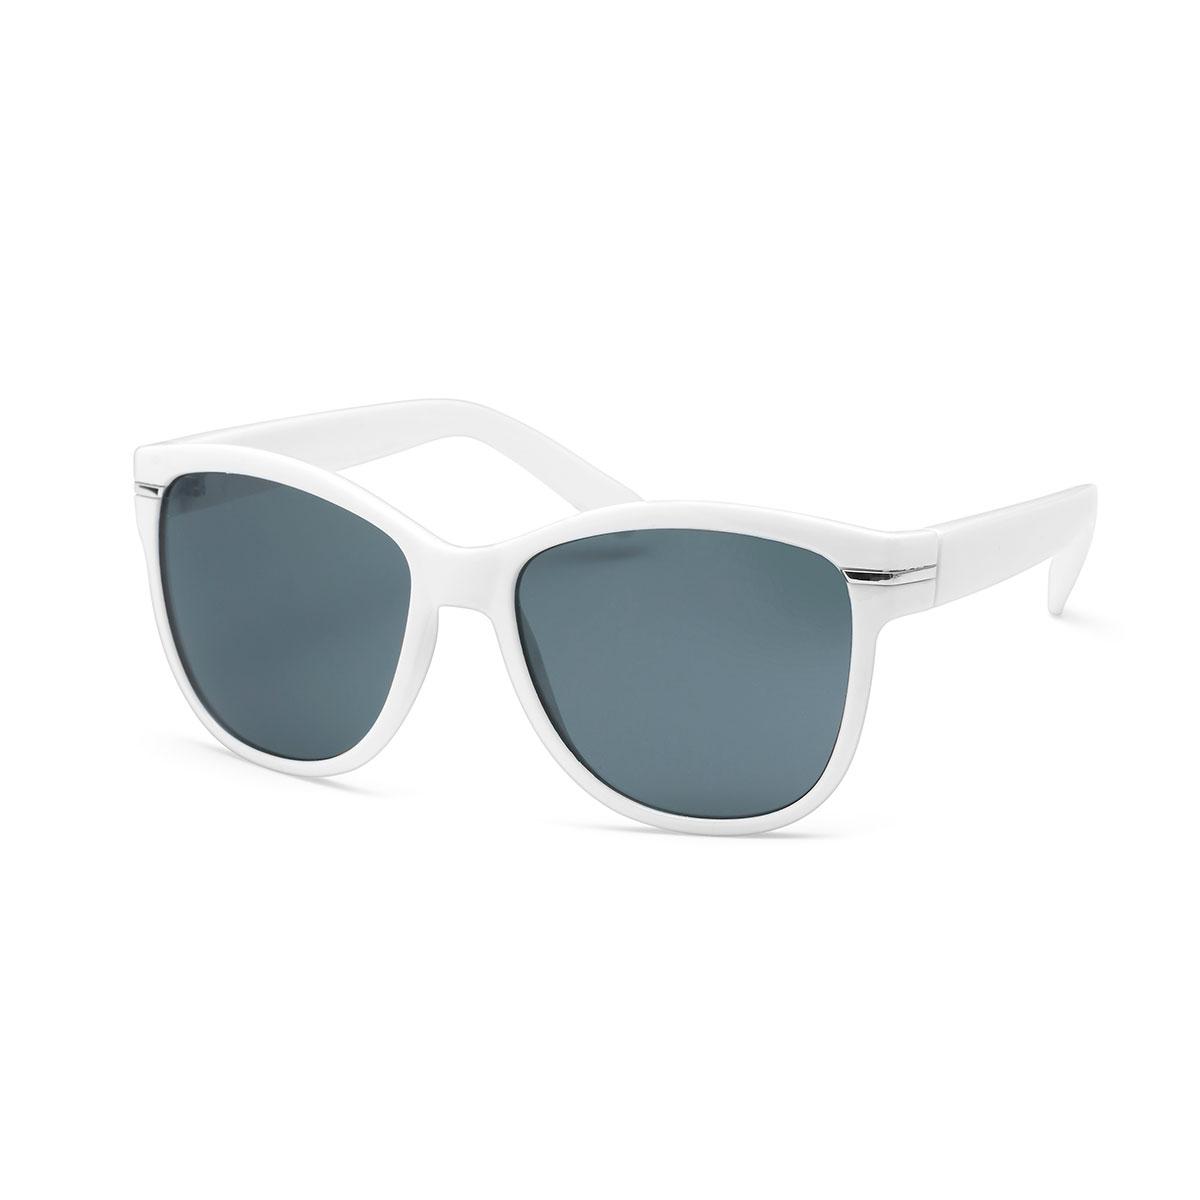 عینک سفید مدل فلوریدا